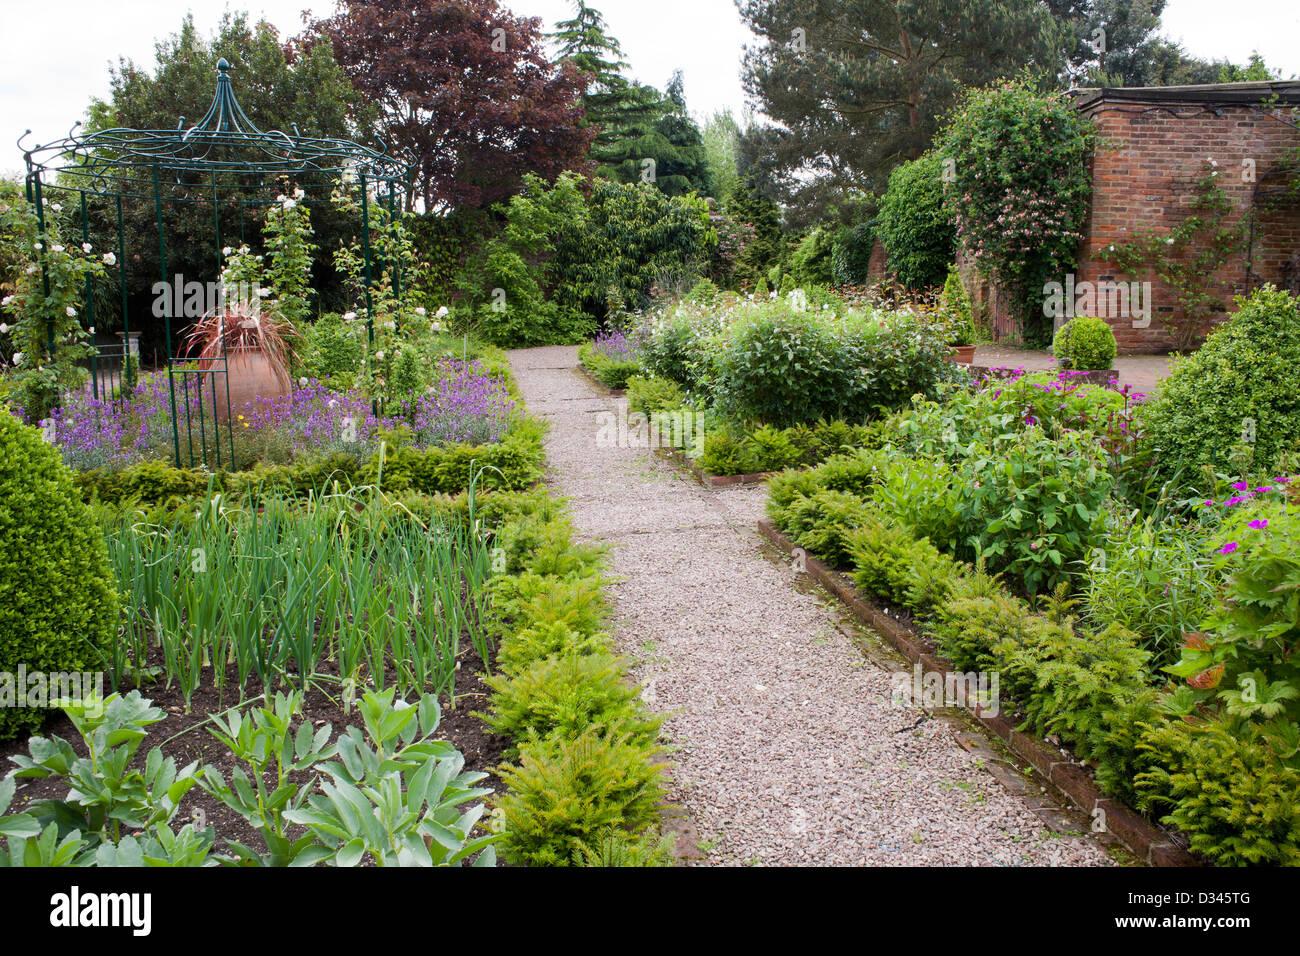 Gravel Garden Path Stock Photos Gravel Garden Path Stock Images